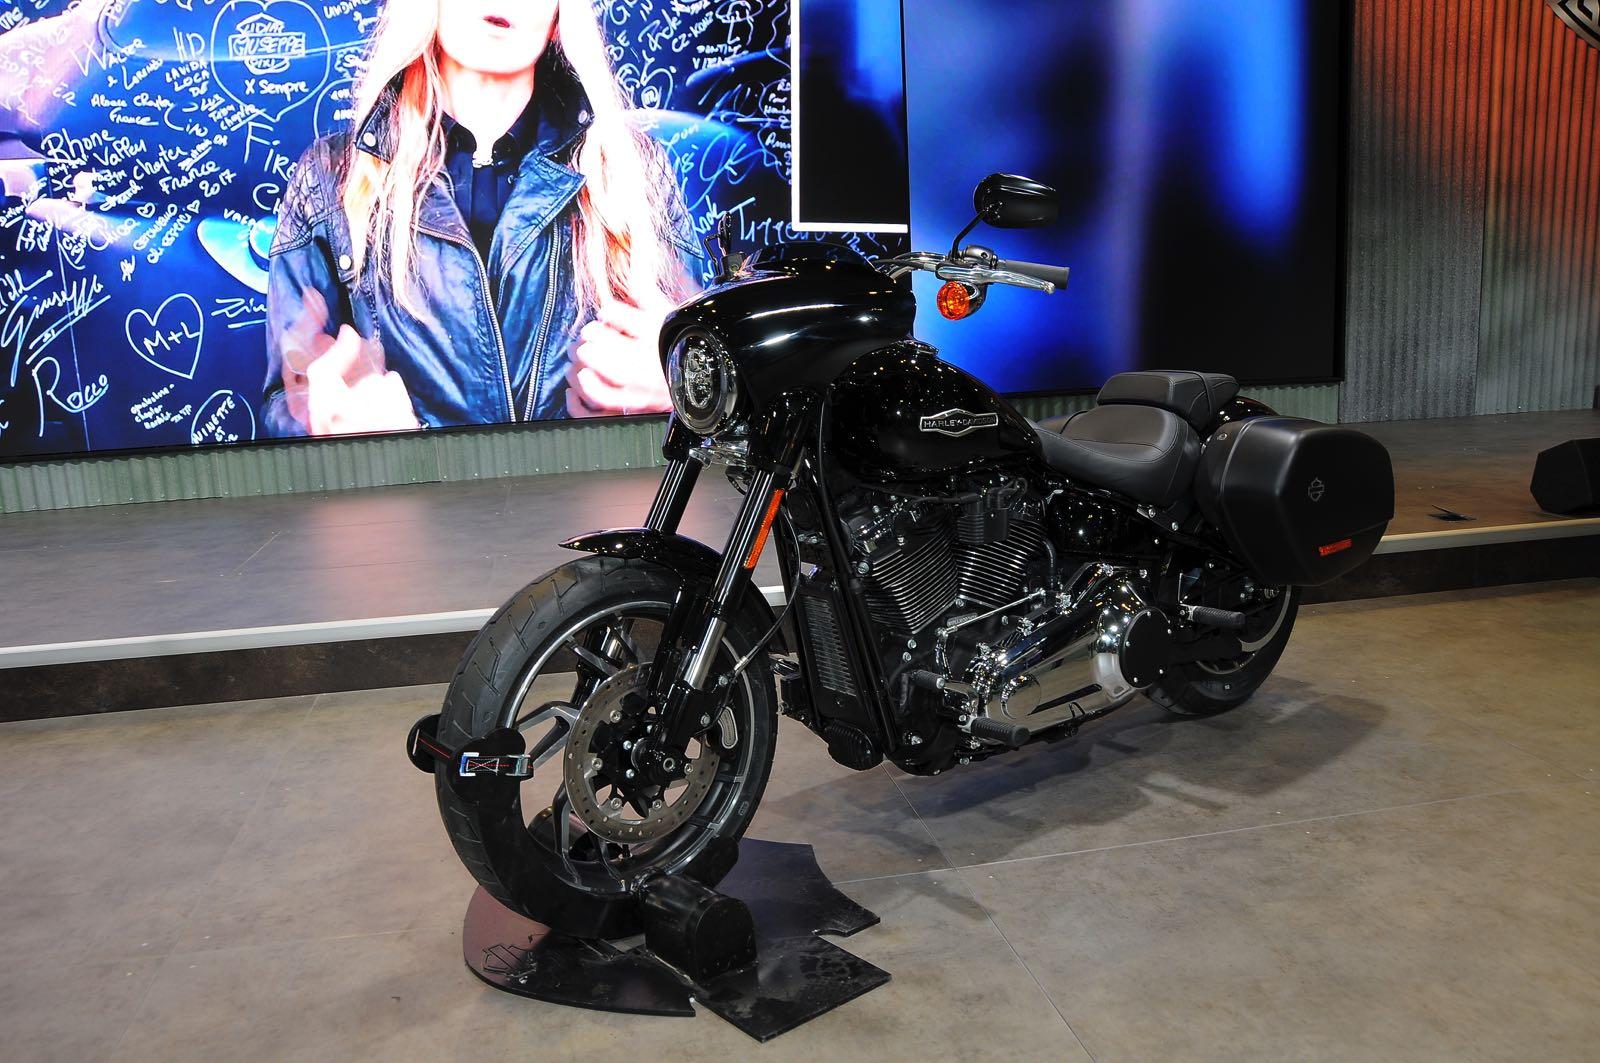 2018 Harley Davidson Road Glide >> Harley-Davidson Sport Glide, da cittadina a bagger